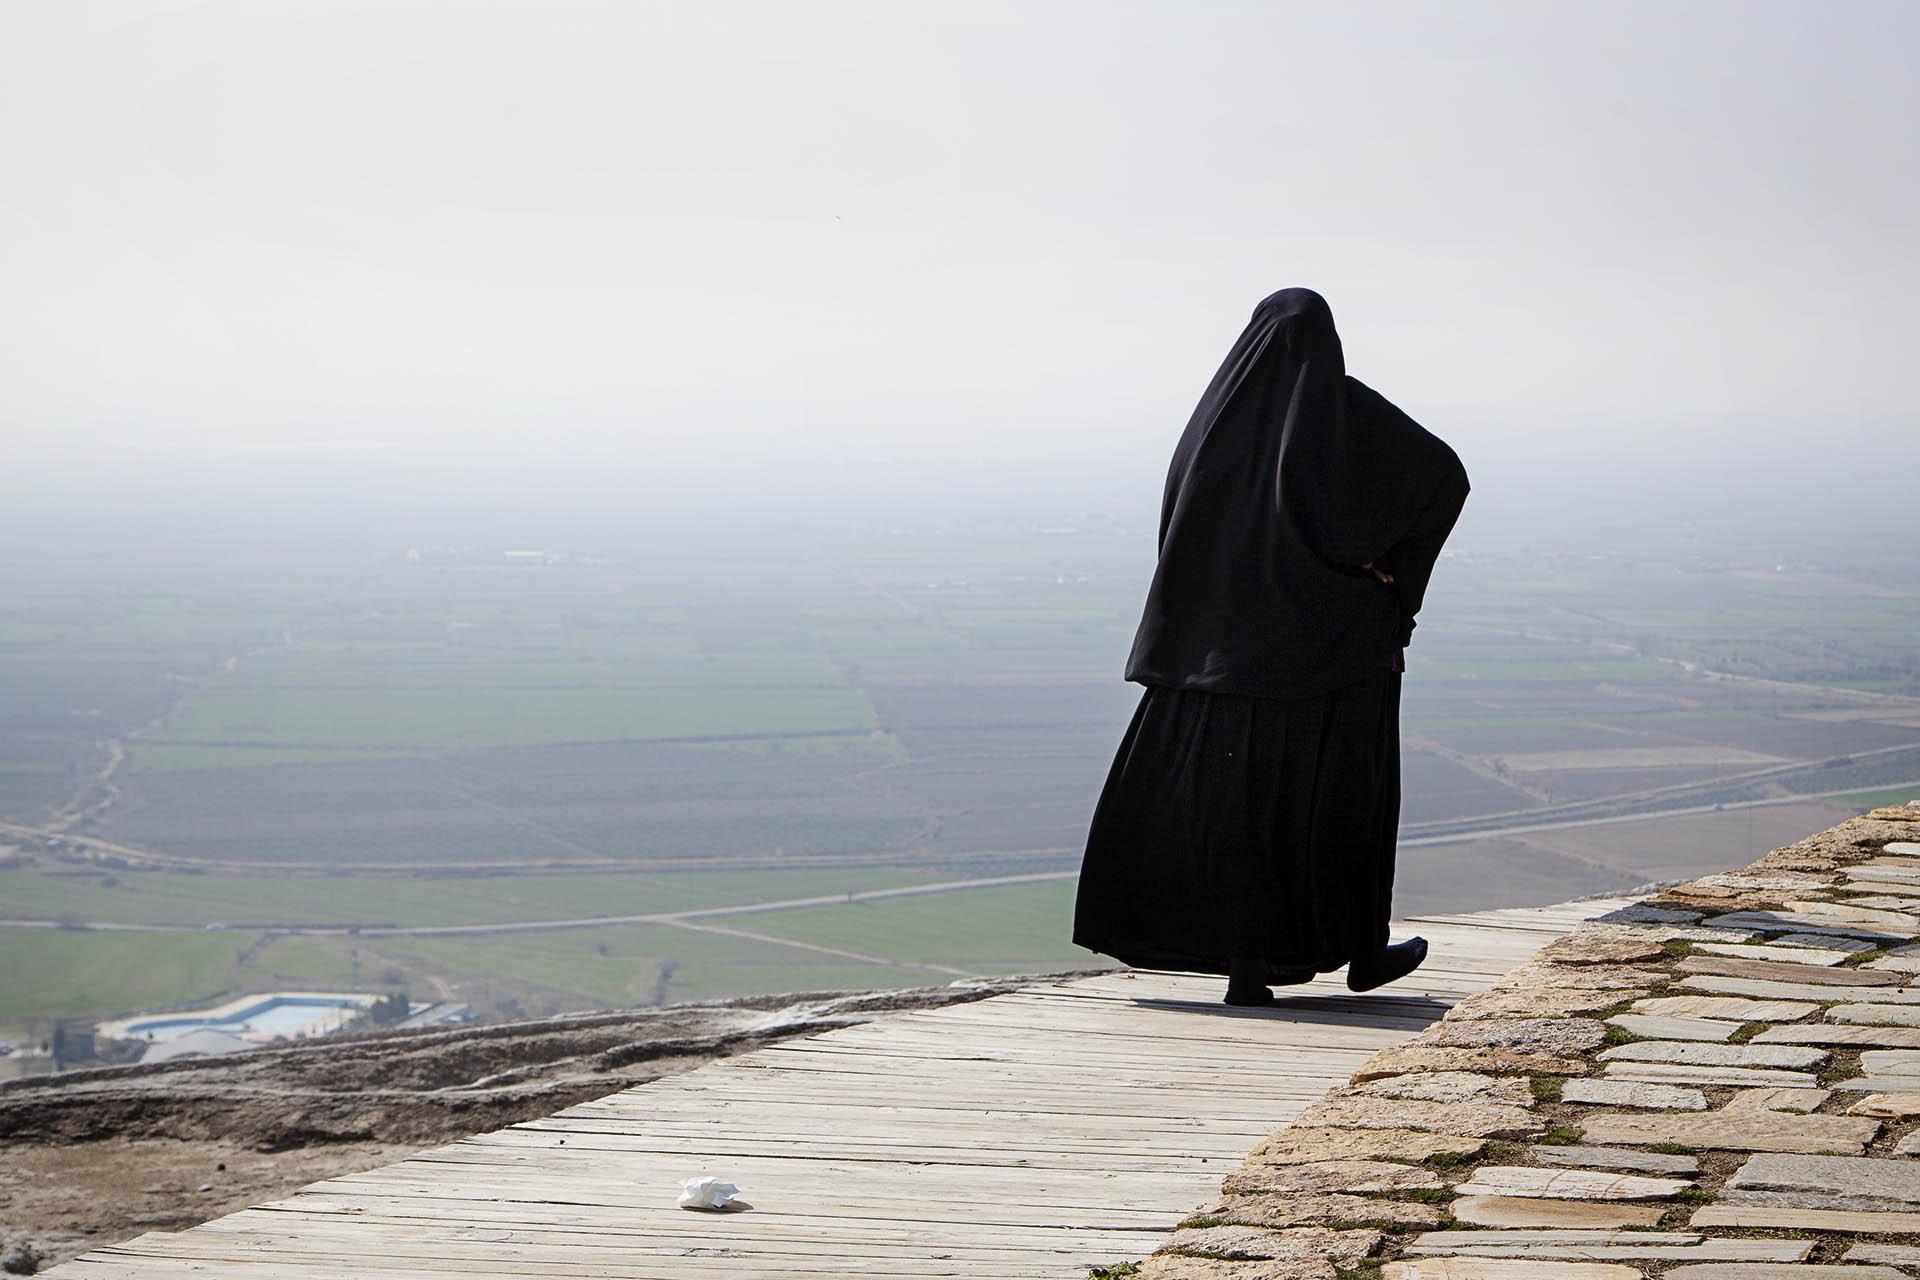 La islamización de Turquía se ha acelerado desde el golpe de estado.